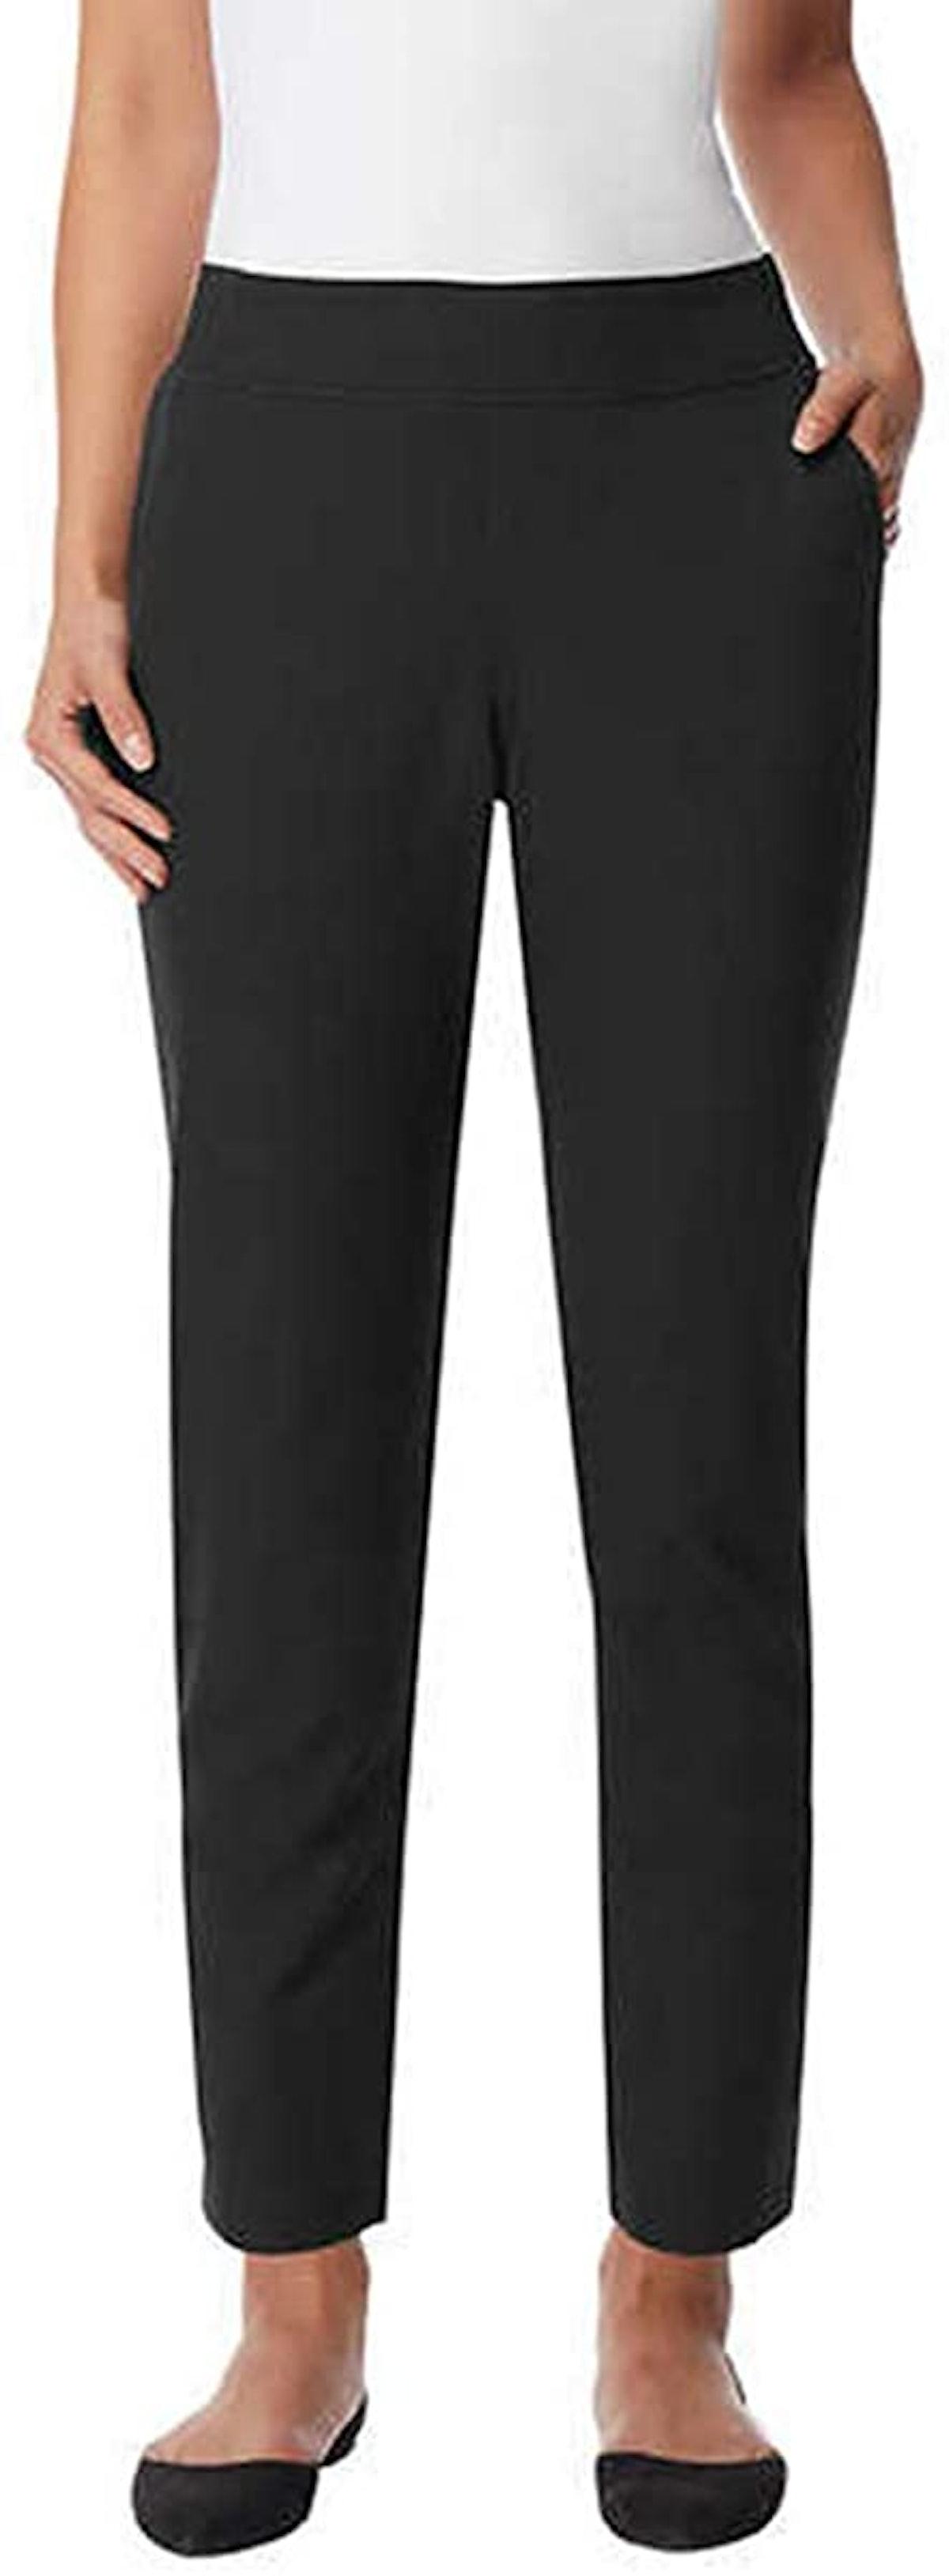 32 DEGREES Soft Comfort Pants